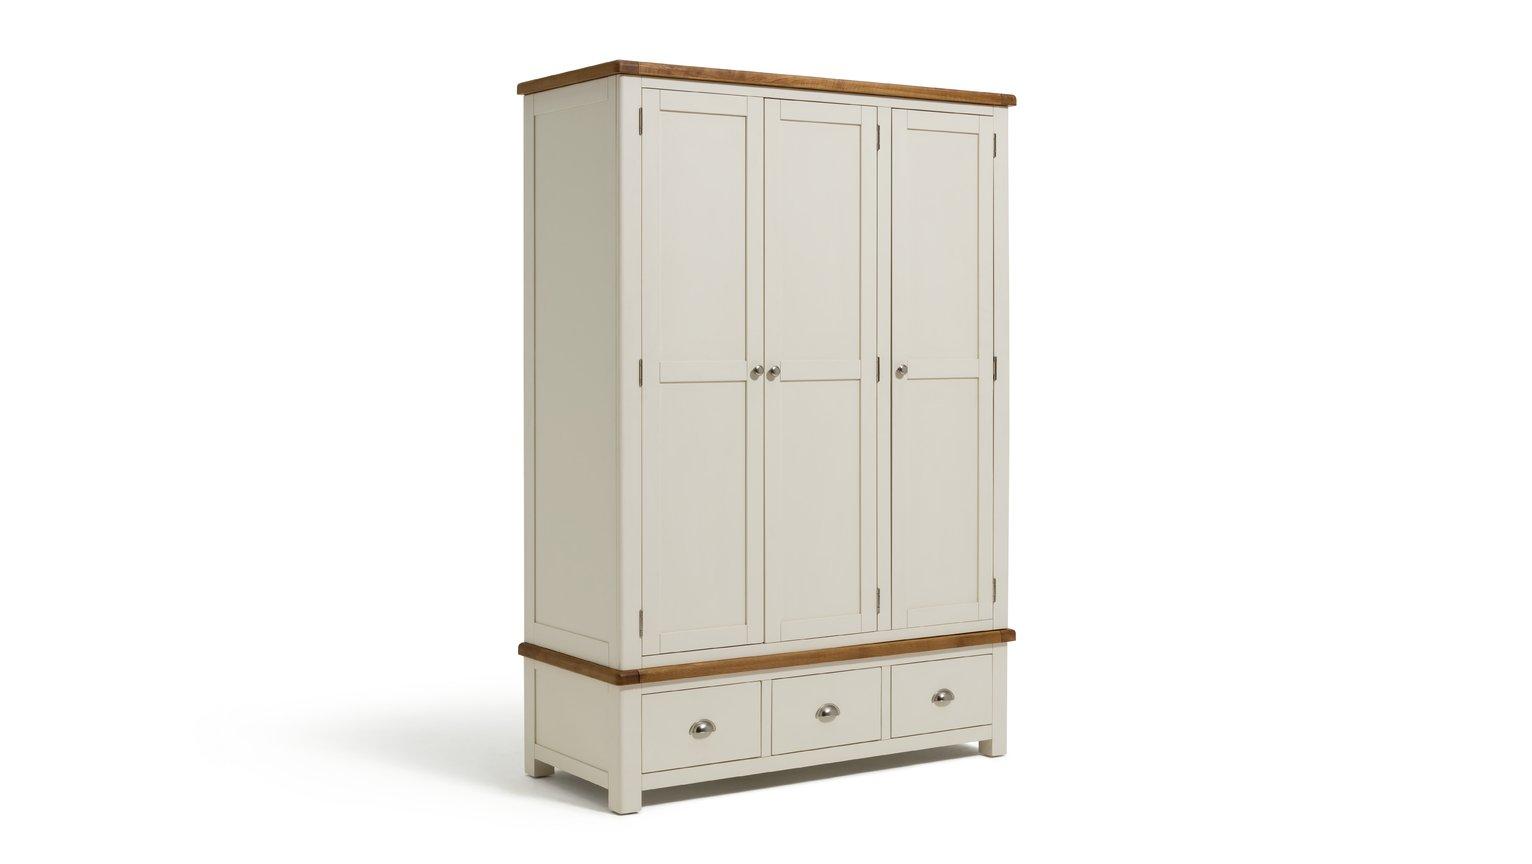 Argos Home Kent 3 Door 3 Drawer Wardrobe